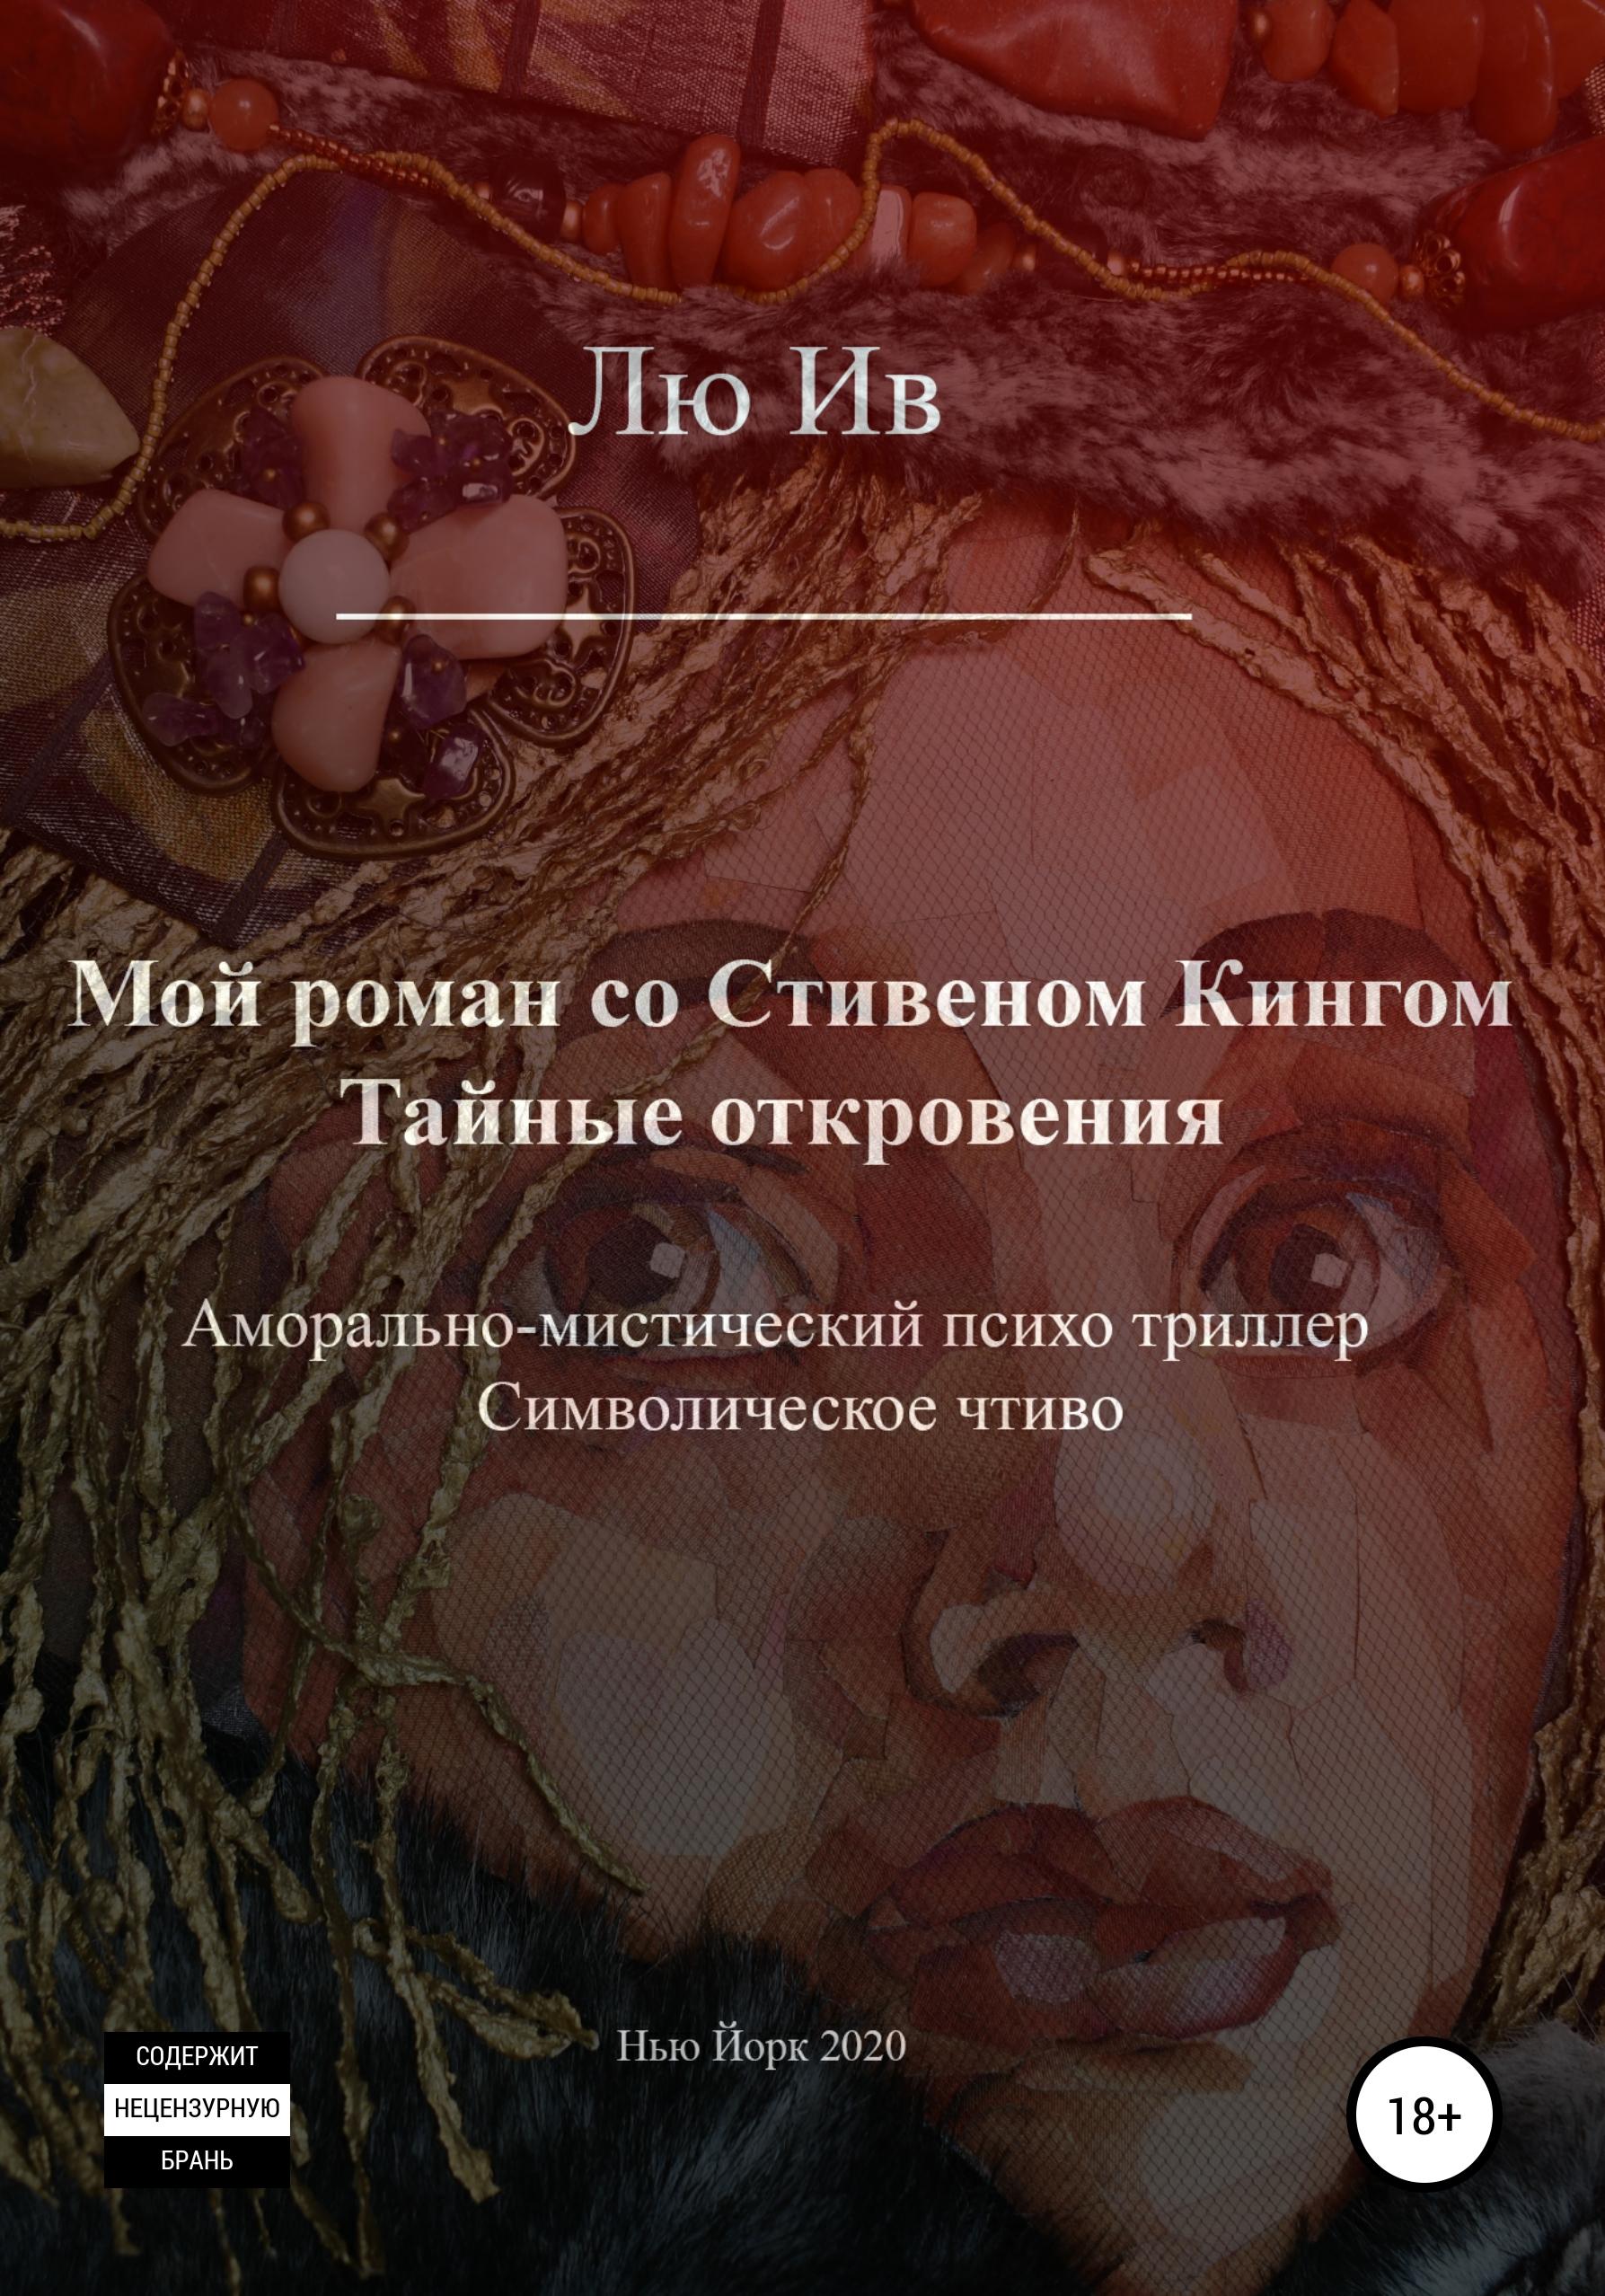 Мой роман со Стивеном Кингом. Тайные откровения